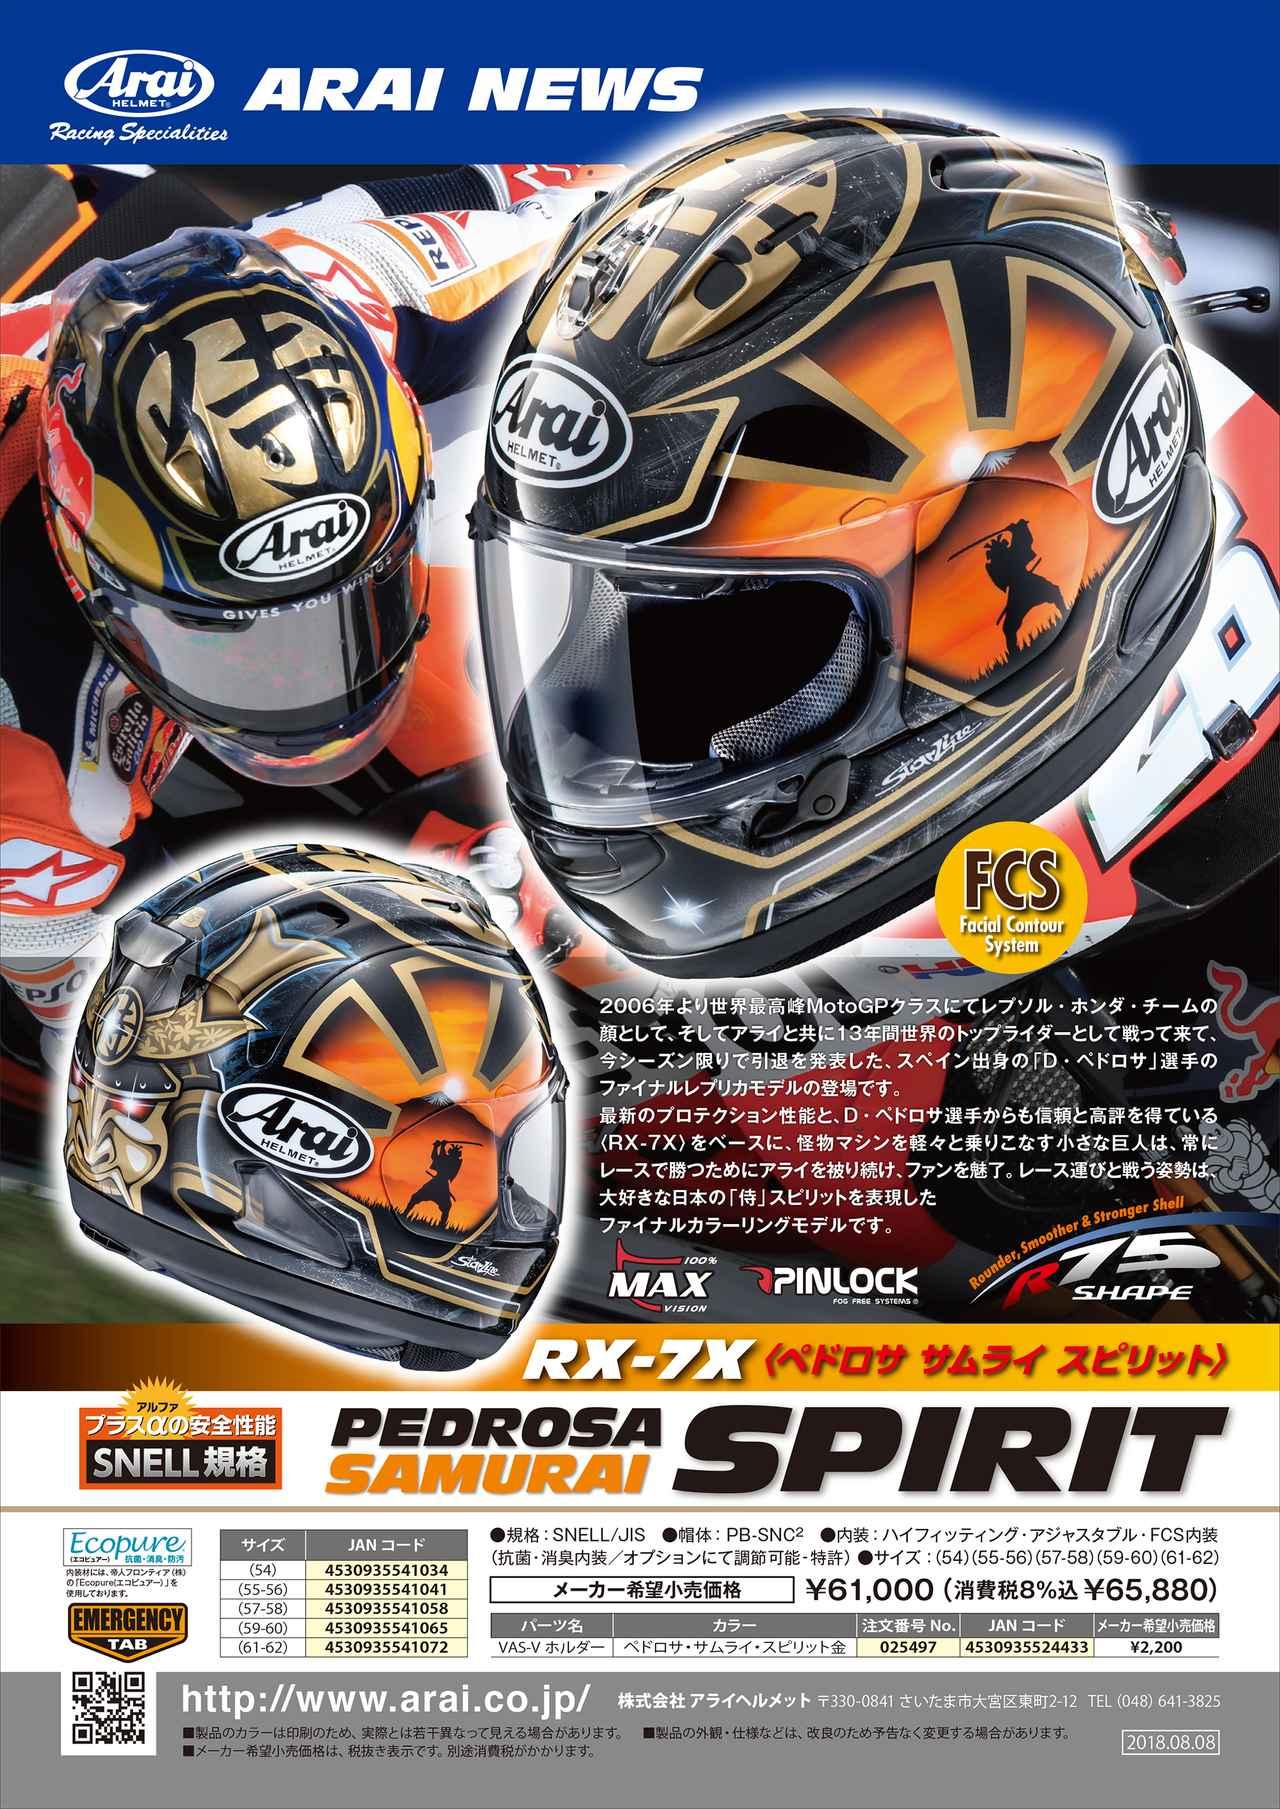 画像4: 今シーズン限りの引退を発表した、MotoGPライダー「ダニ・ペドロサ選手」のファイナルレプリカ!